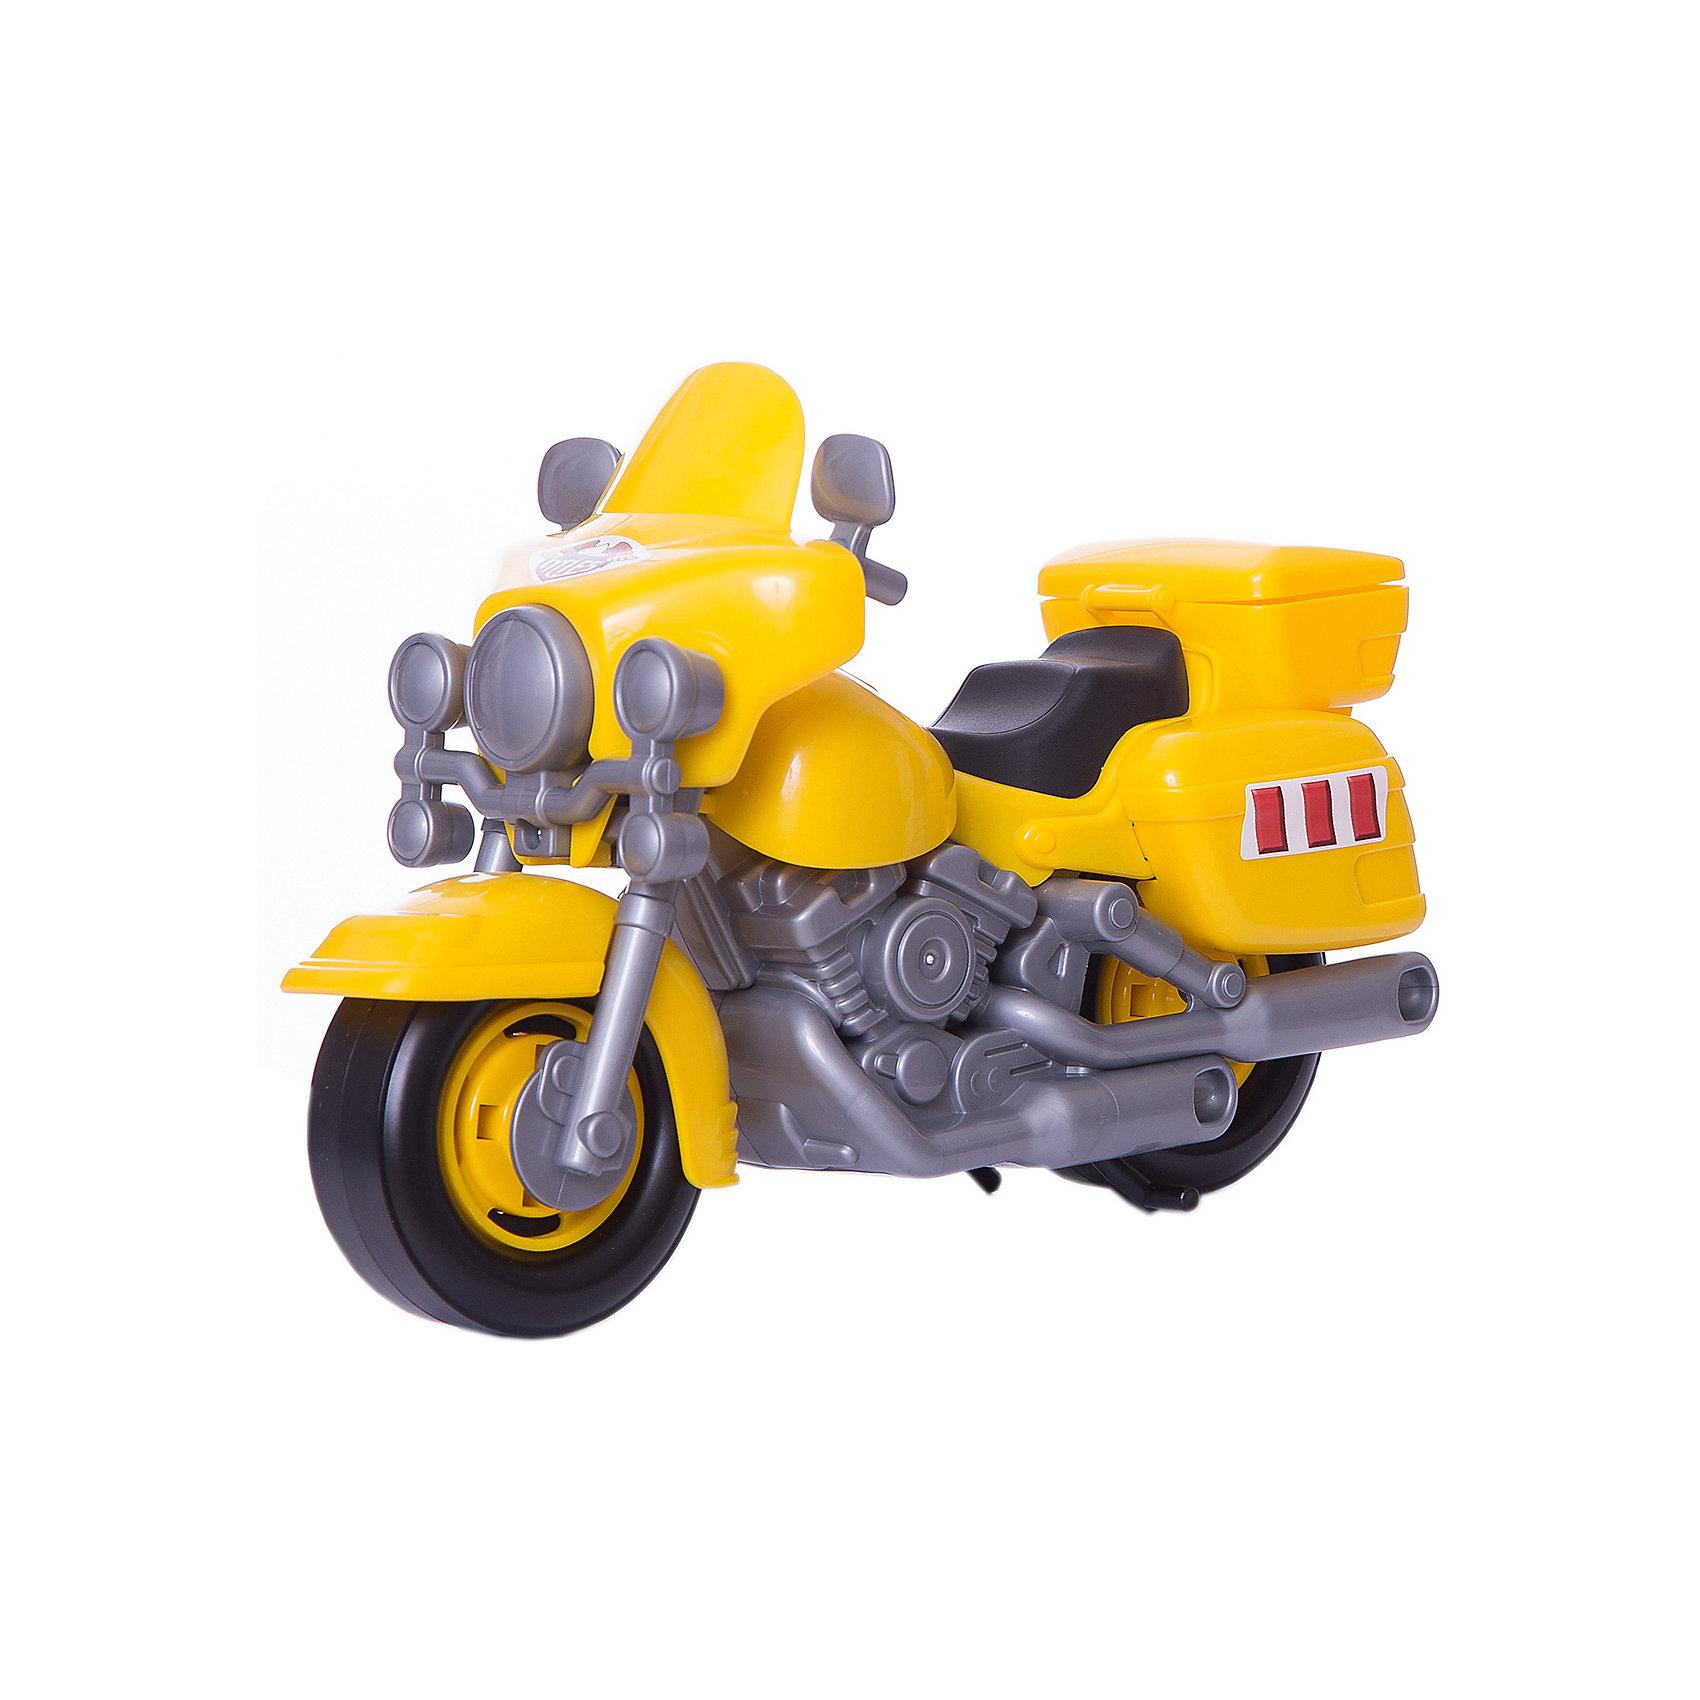 Мотоцикл полицейский Харлей, ПолесьеМашинки<br>Для маленьких лихачей в ассортименте игрушек компании «Полесье» представлены мотоциклы. С ними сценарии для игр становятся намного увлекательнее, а дети знакомятся с многообразием транспортных средств. Мотоцикл можно использовать в качестве средства передвижения игрушечного героя. В ходе игры можно рассмотреть потенциал ребёнка к спортивным соревнованиям, в которых участвуют мотоциклы. Быть может, когда малыш вырастет, он станет известным мотогонщиком! Реалистичность игрушки развивает у ребёнка интерес к устройству мотоцикла. Это может стать ещё одним важным фактором в выборе профессии!<br><br>Ширина мм: 270<br>Глубина мм: 115<br>Высота мм: 180<br>Вес г: 270<br>Возраст от месяцев: 36<br>Возраст до месяцев: 96<br>Пол: Мужской<br>Возраст: Детский<br>SKU: 4763424